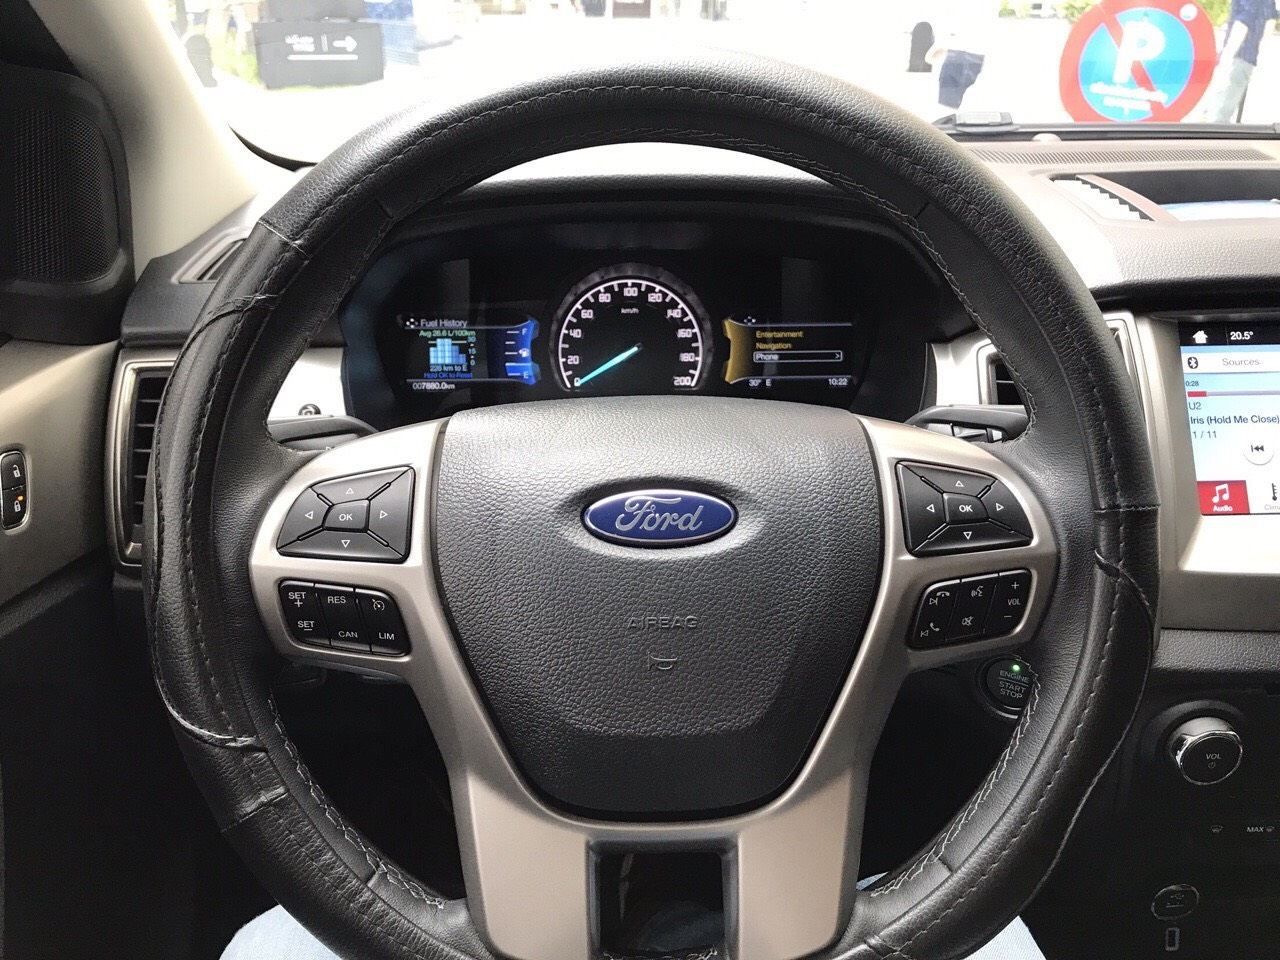 Bán Ford Everrest 2.0AT sản xuất 2018, xe như mới đi 7.800km, chất lượng xe bao kiểm tra hãng